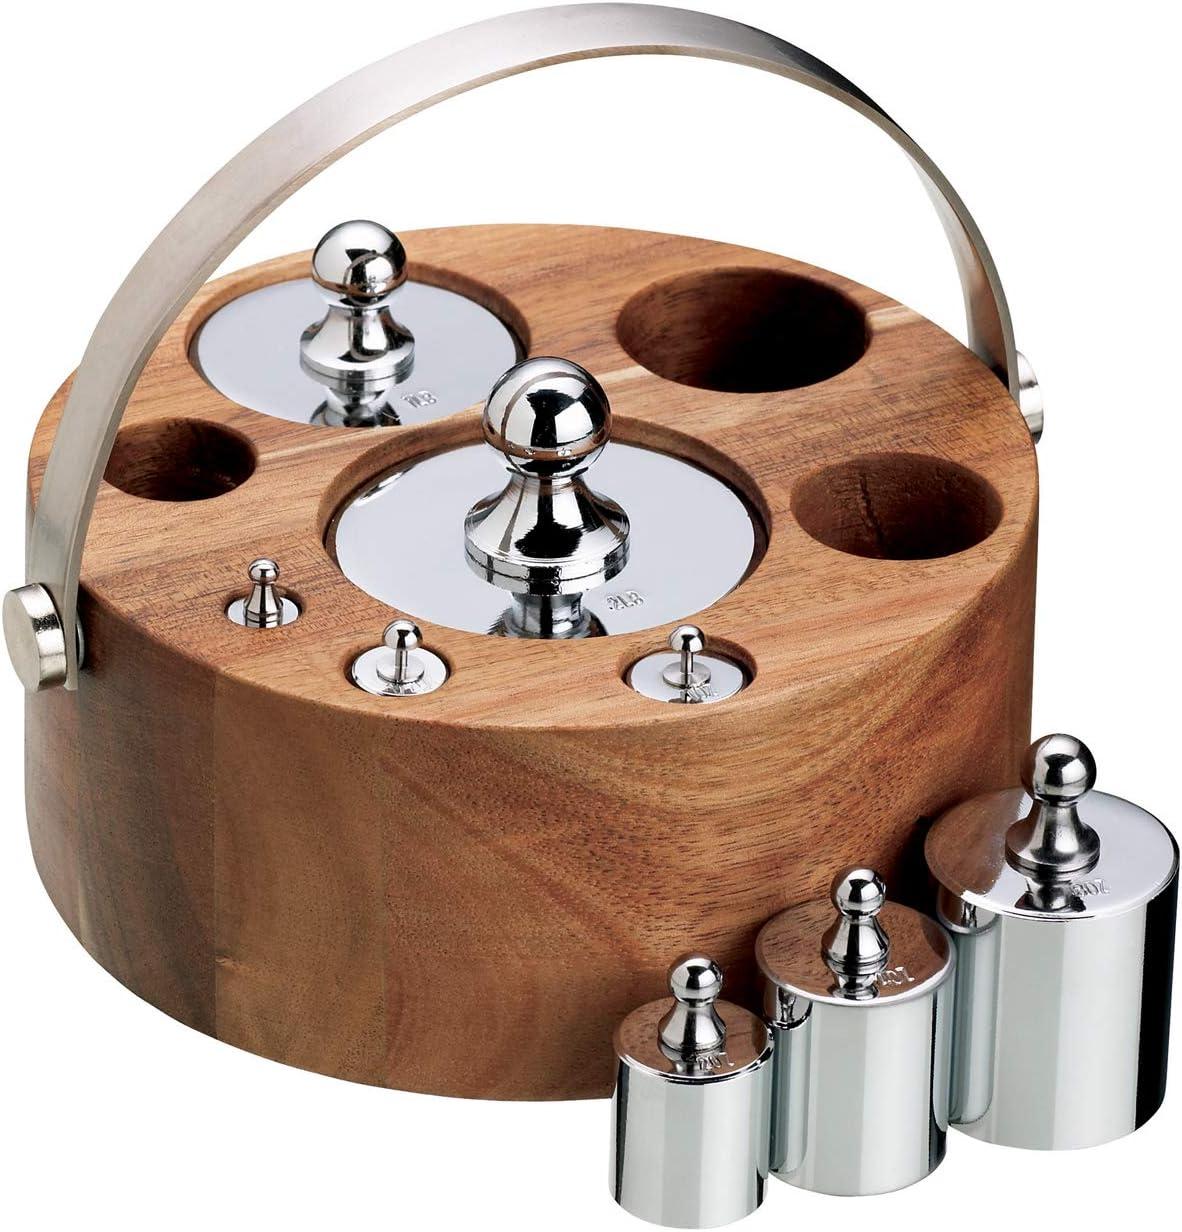 Kitchen Craft NEWGTIMP8 - Pesos para balanza (8 Piezas, Sistema Imperial, Soporte con Asas de Metal): Amazon.es